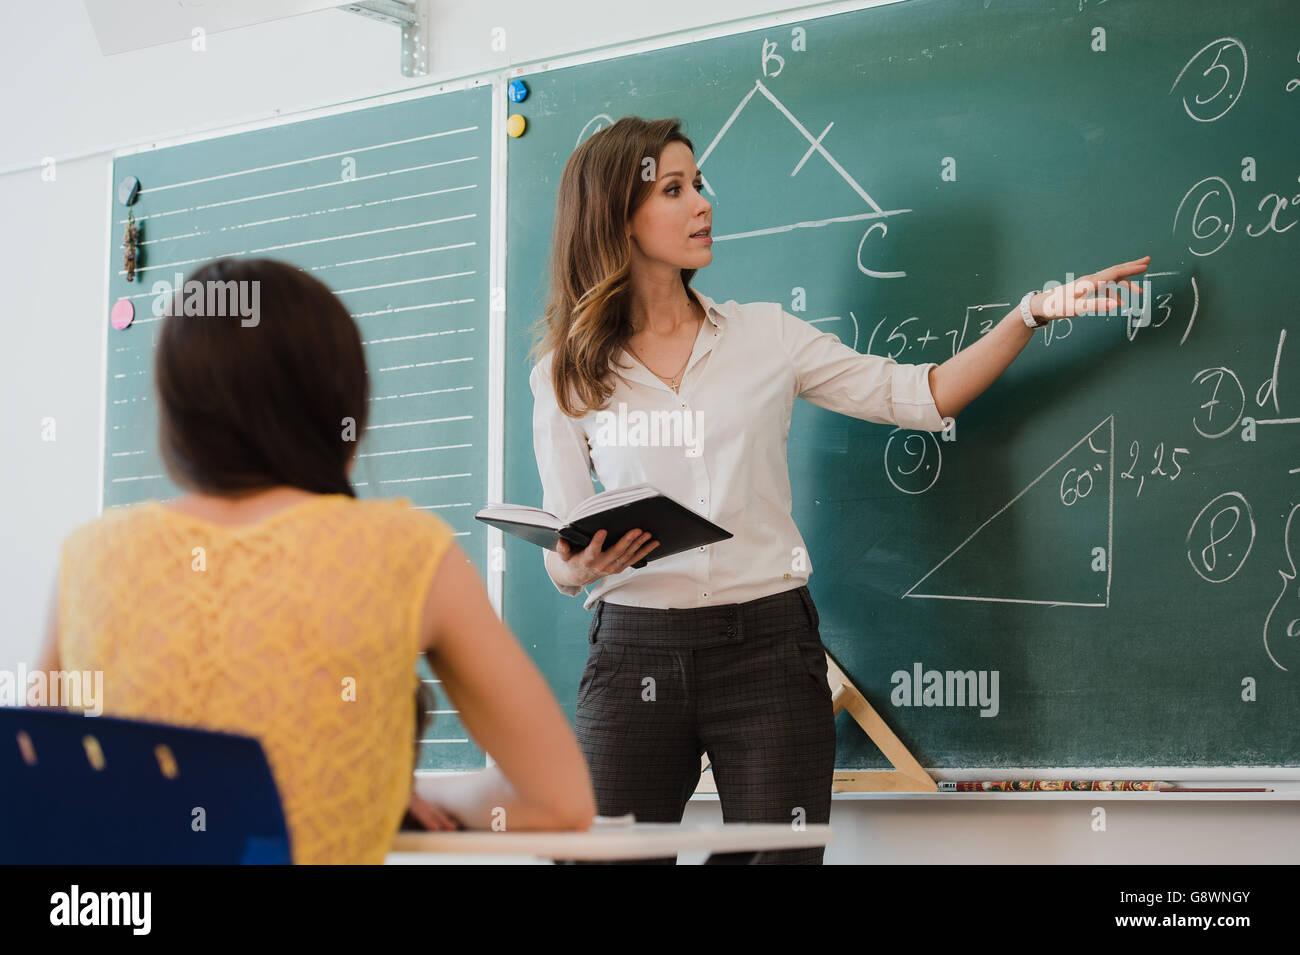 Enseignant ou éducateur ou causeries de donner de leçon devant un tableau noir ou d'une feuille de Photo Stock